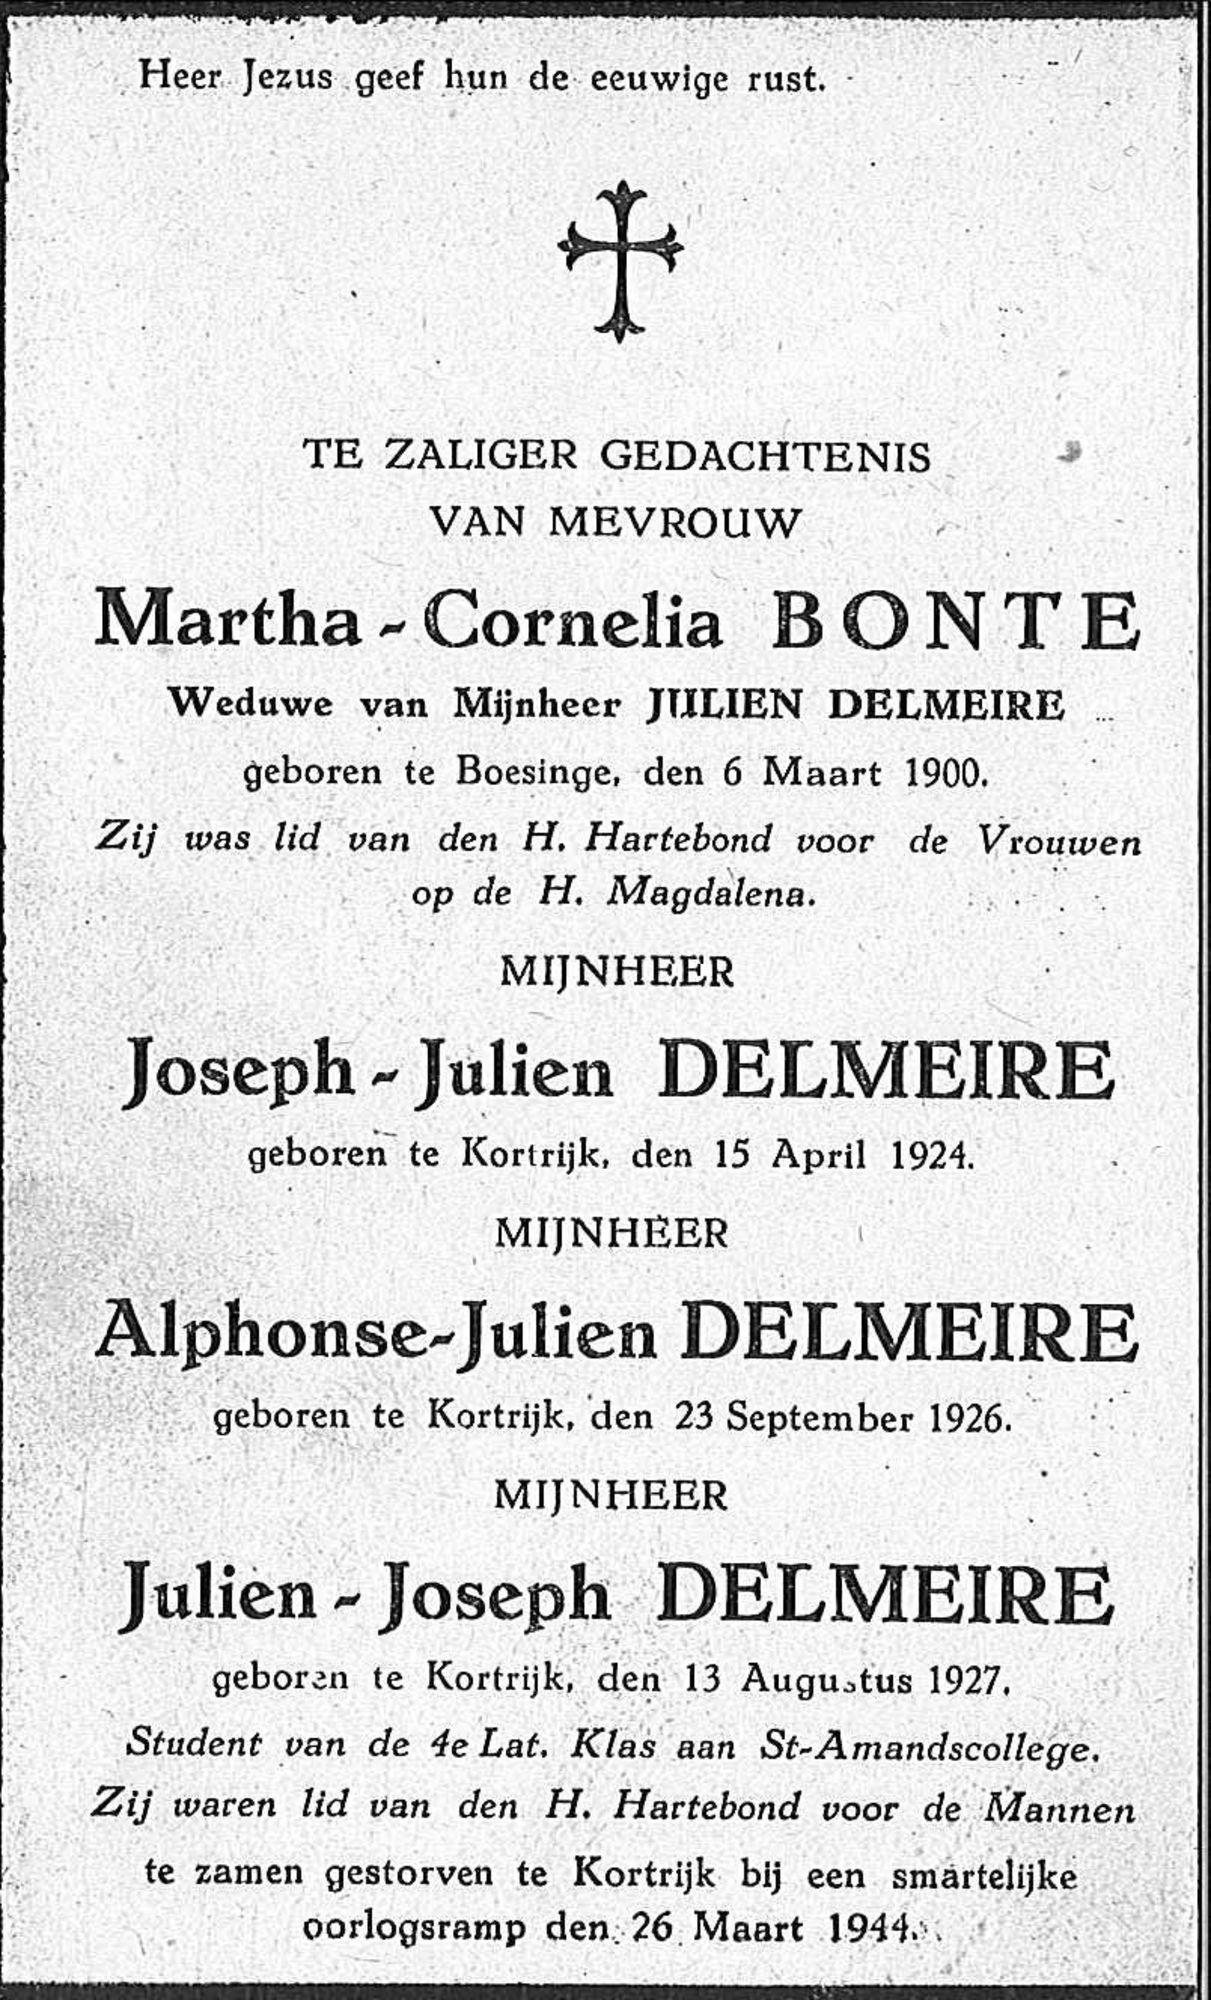 Alphonse-Julien Delmeire